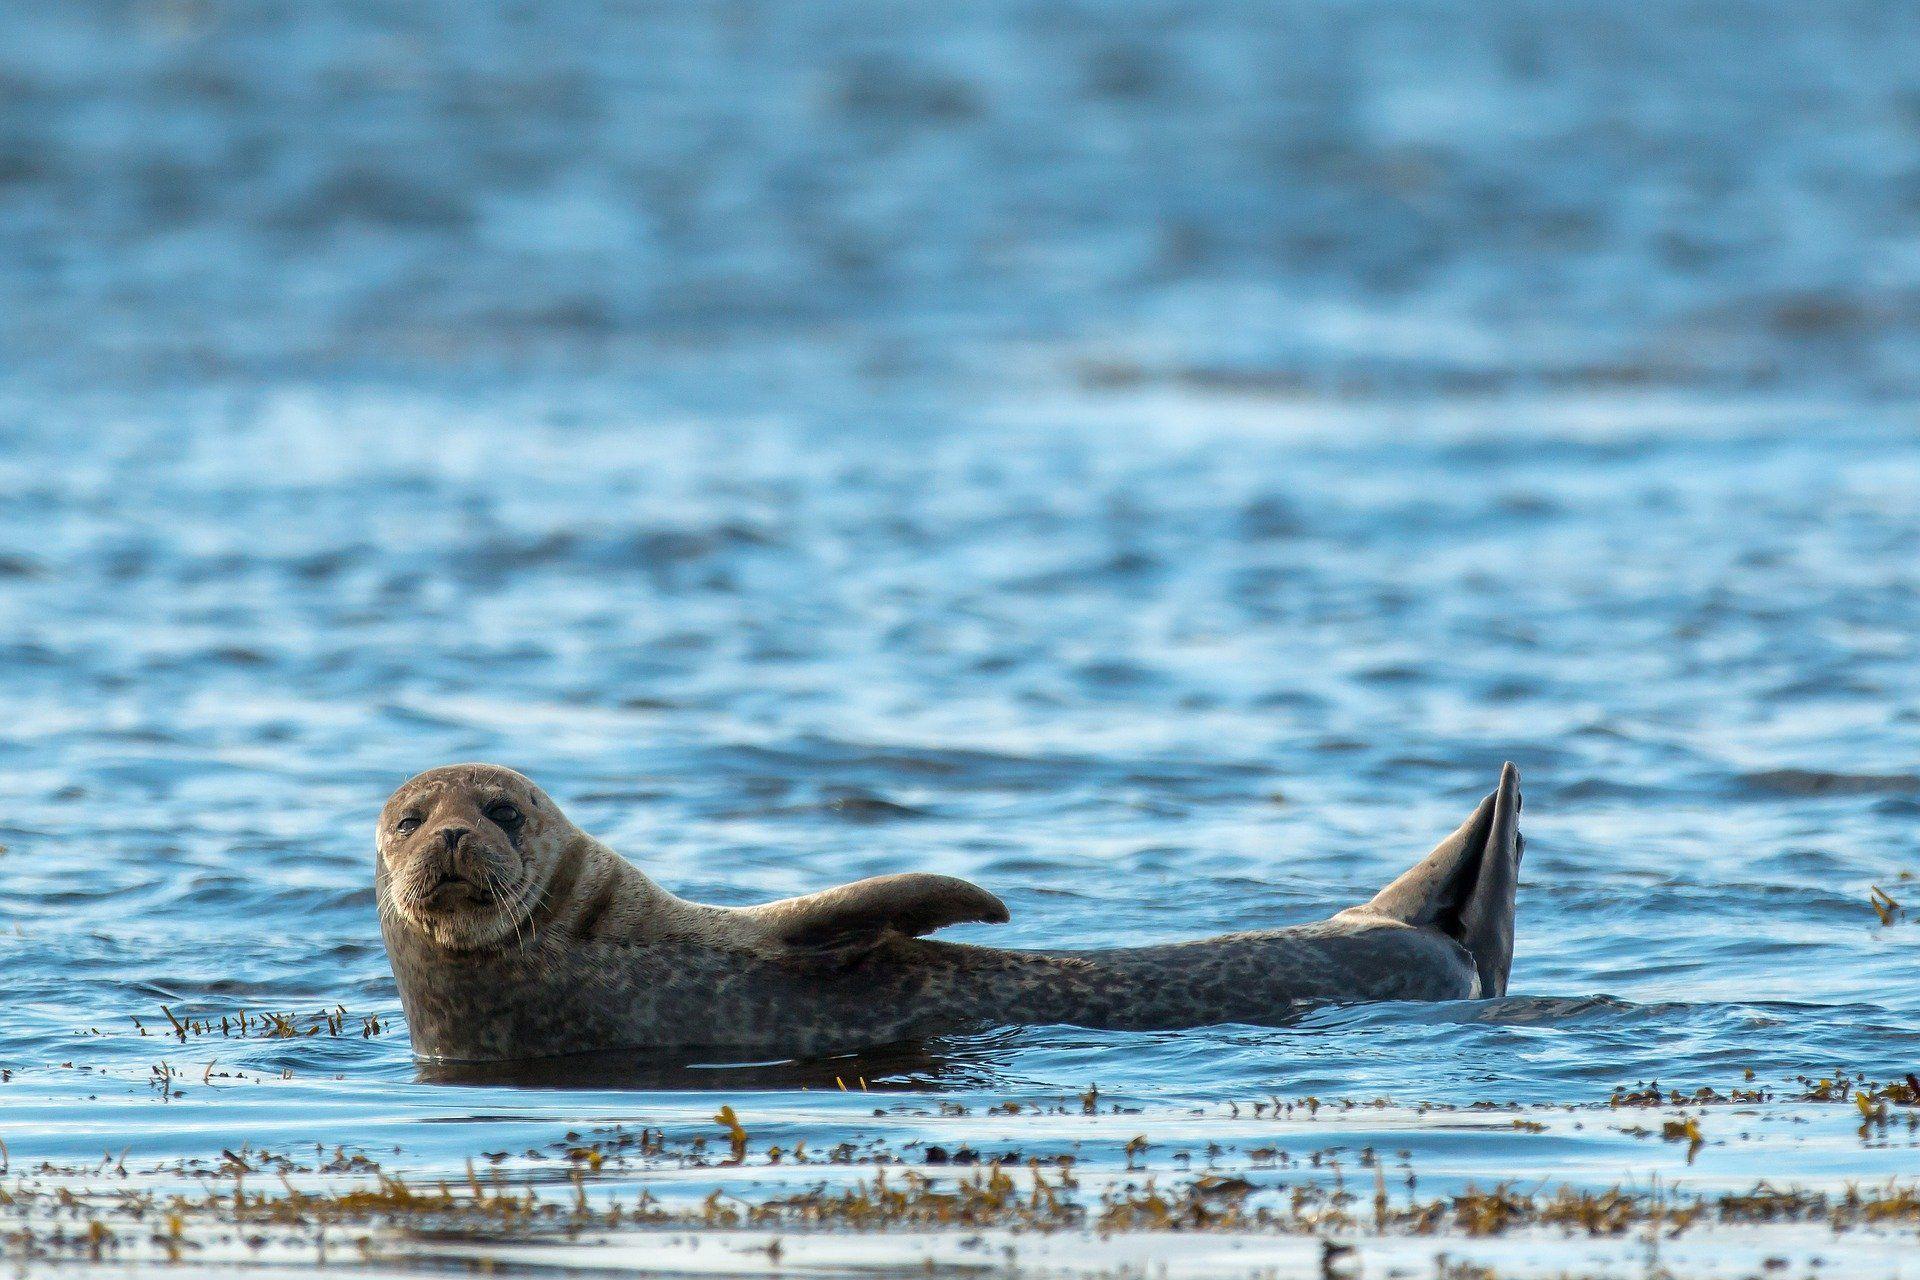 Купить фото и картинки тюленей? Скачайте бесплатно